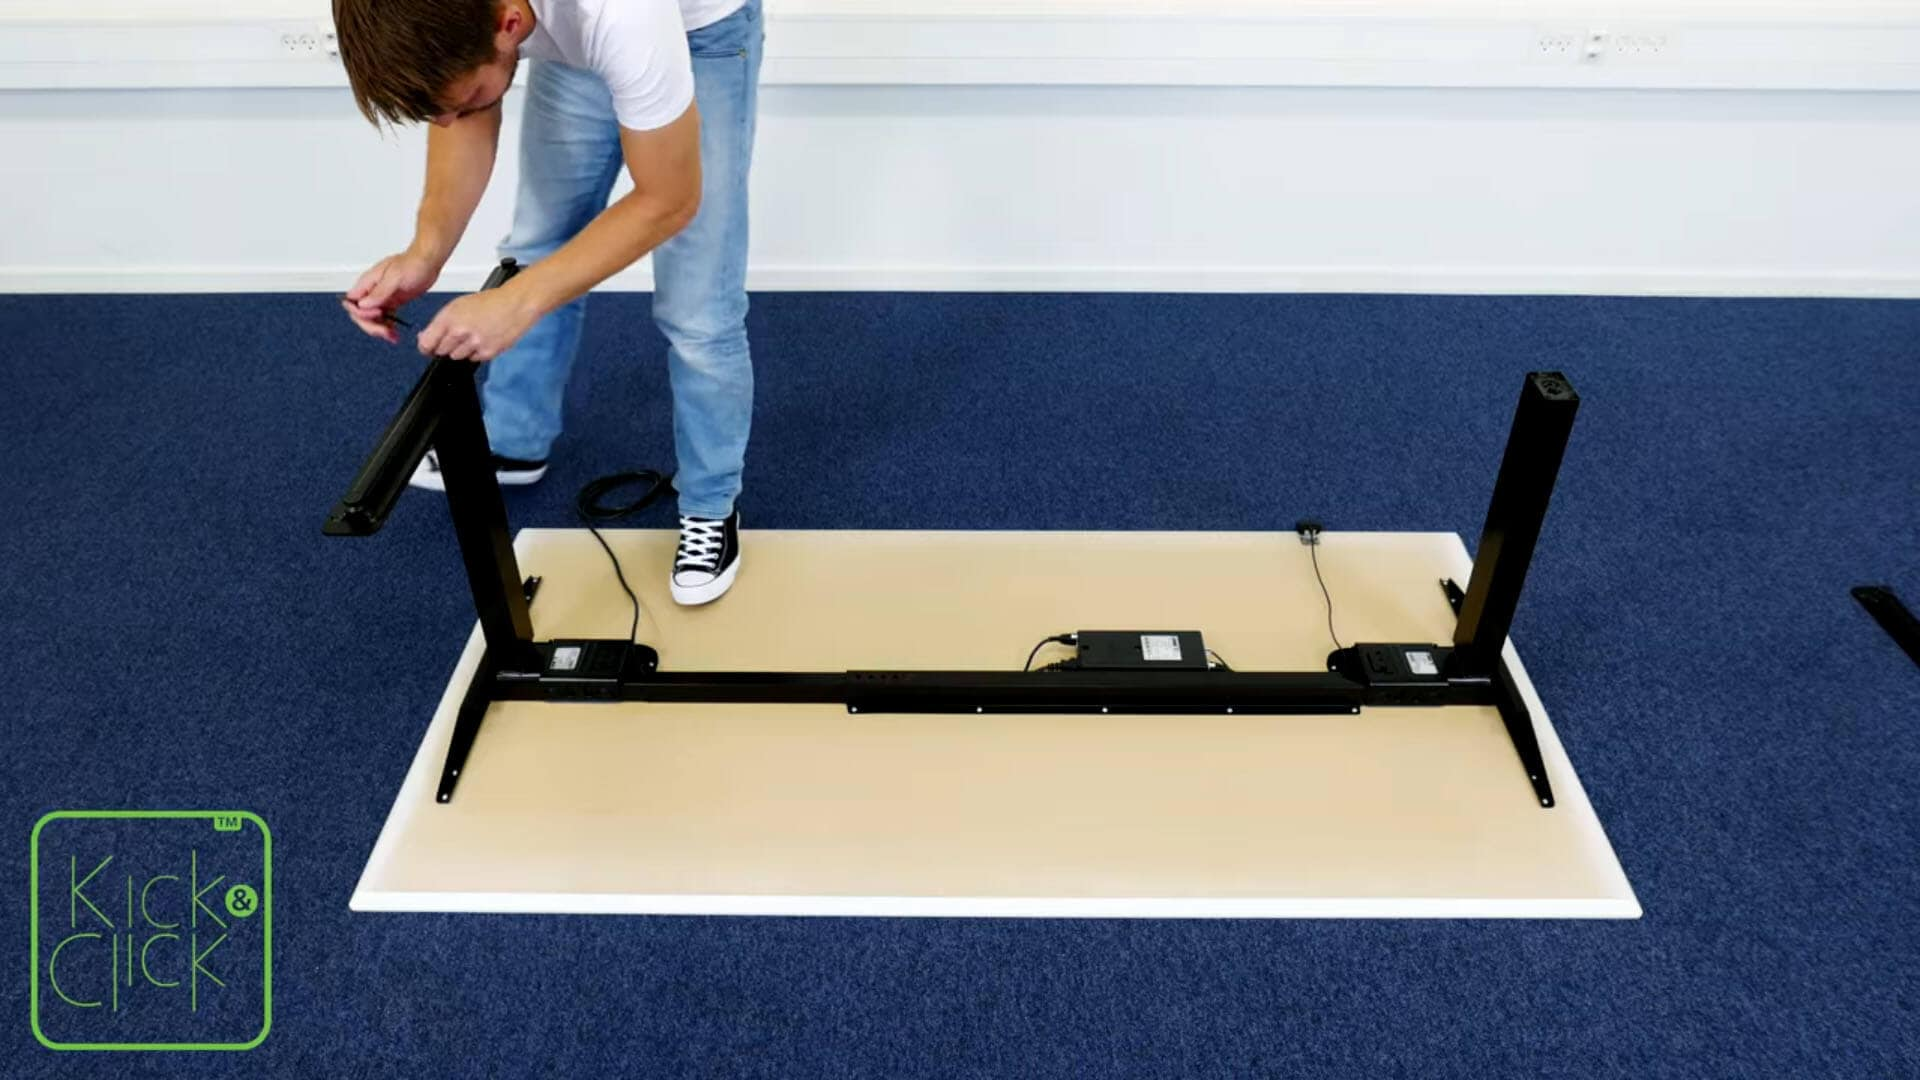 LINAK Kick & Click ofis masası nasıl demonte edilir?